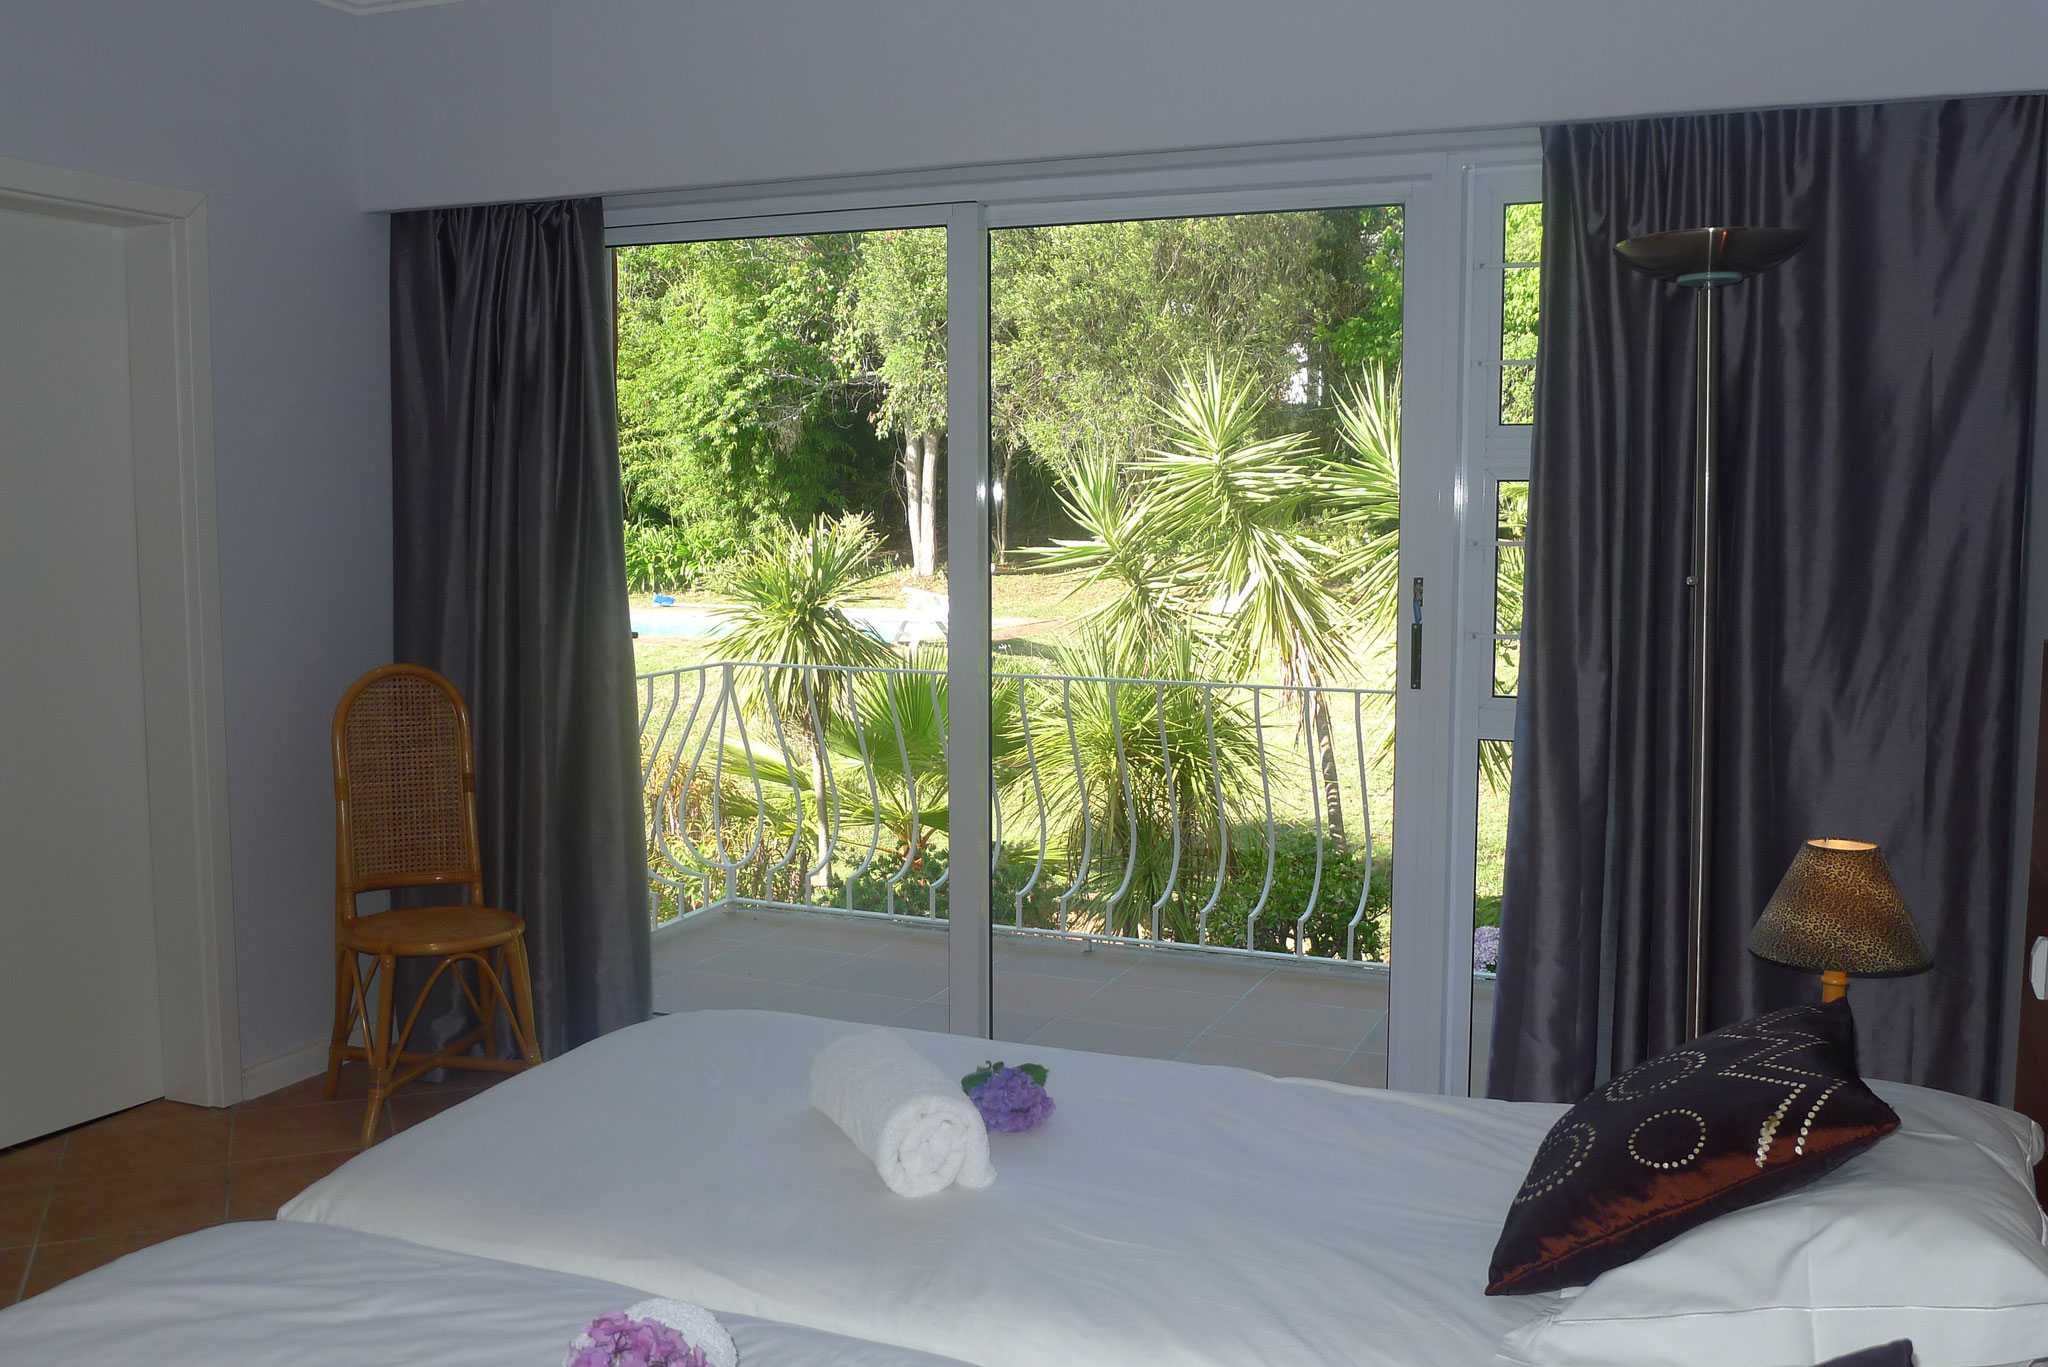 Blick vom Hauptschlafzimmer auf den Balkon und den Garten